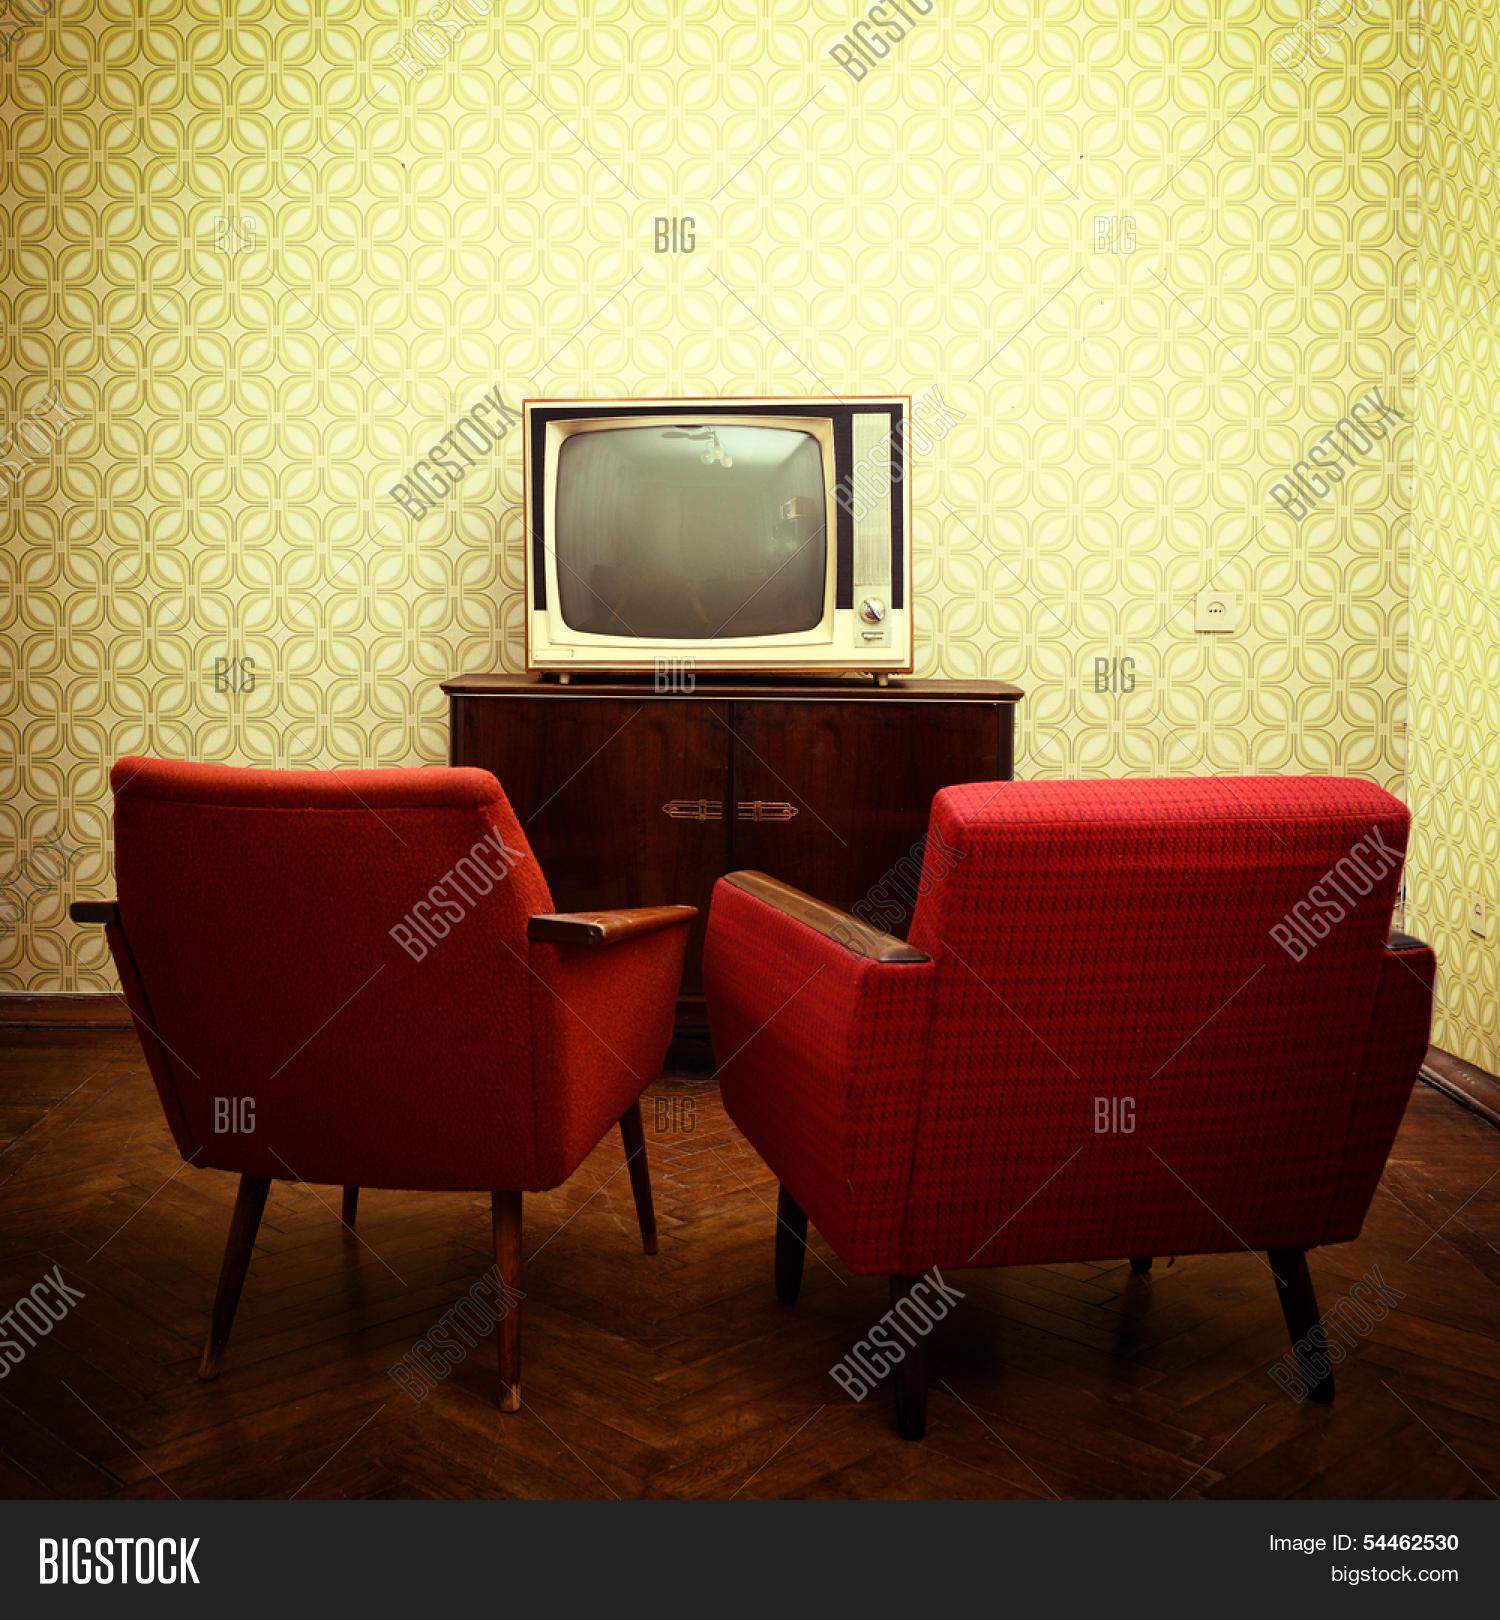 Imagen Y Foto Sala Vintage Con Dos Viejos Bigstock -> Sillones Para Sala De Tv